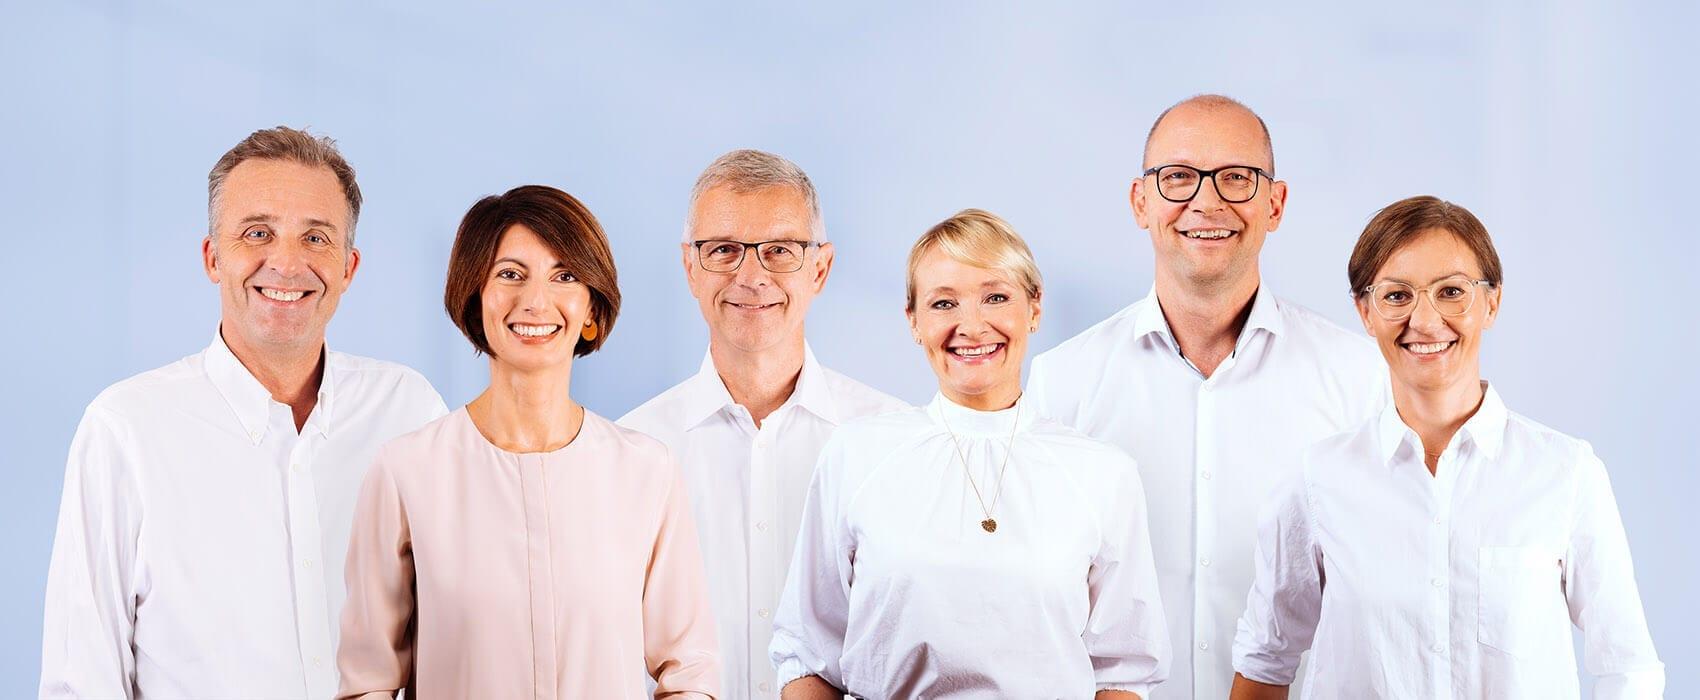 Kardiologische Power: Das Kardiologen-Team der Cardiopraxis in Düsseldorf und Meerbusch